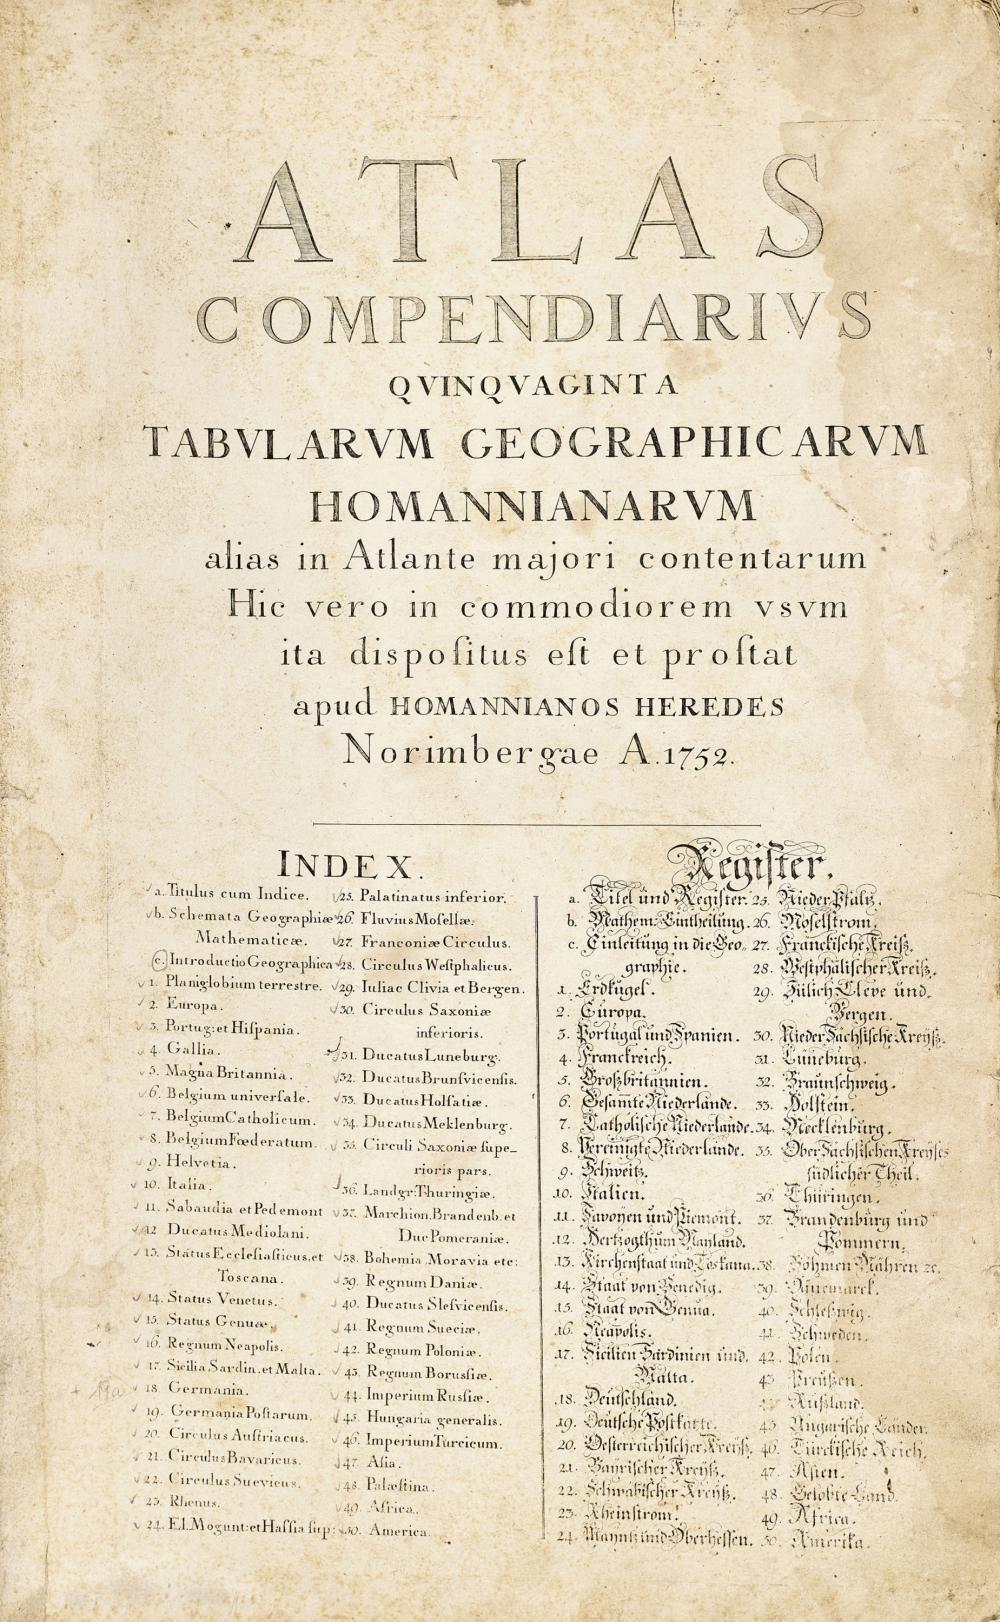 """HOMANN, JOHANN BAPTIST: """"Atlas Compendiarius quinquaginta Tabularum geographicarum Homannianarum alias in Atlante majori contentarum. Hic vero in commodiorem usum ita dispositus est et prostat apud Homannianos Heredes""""."""